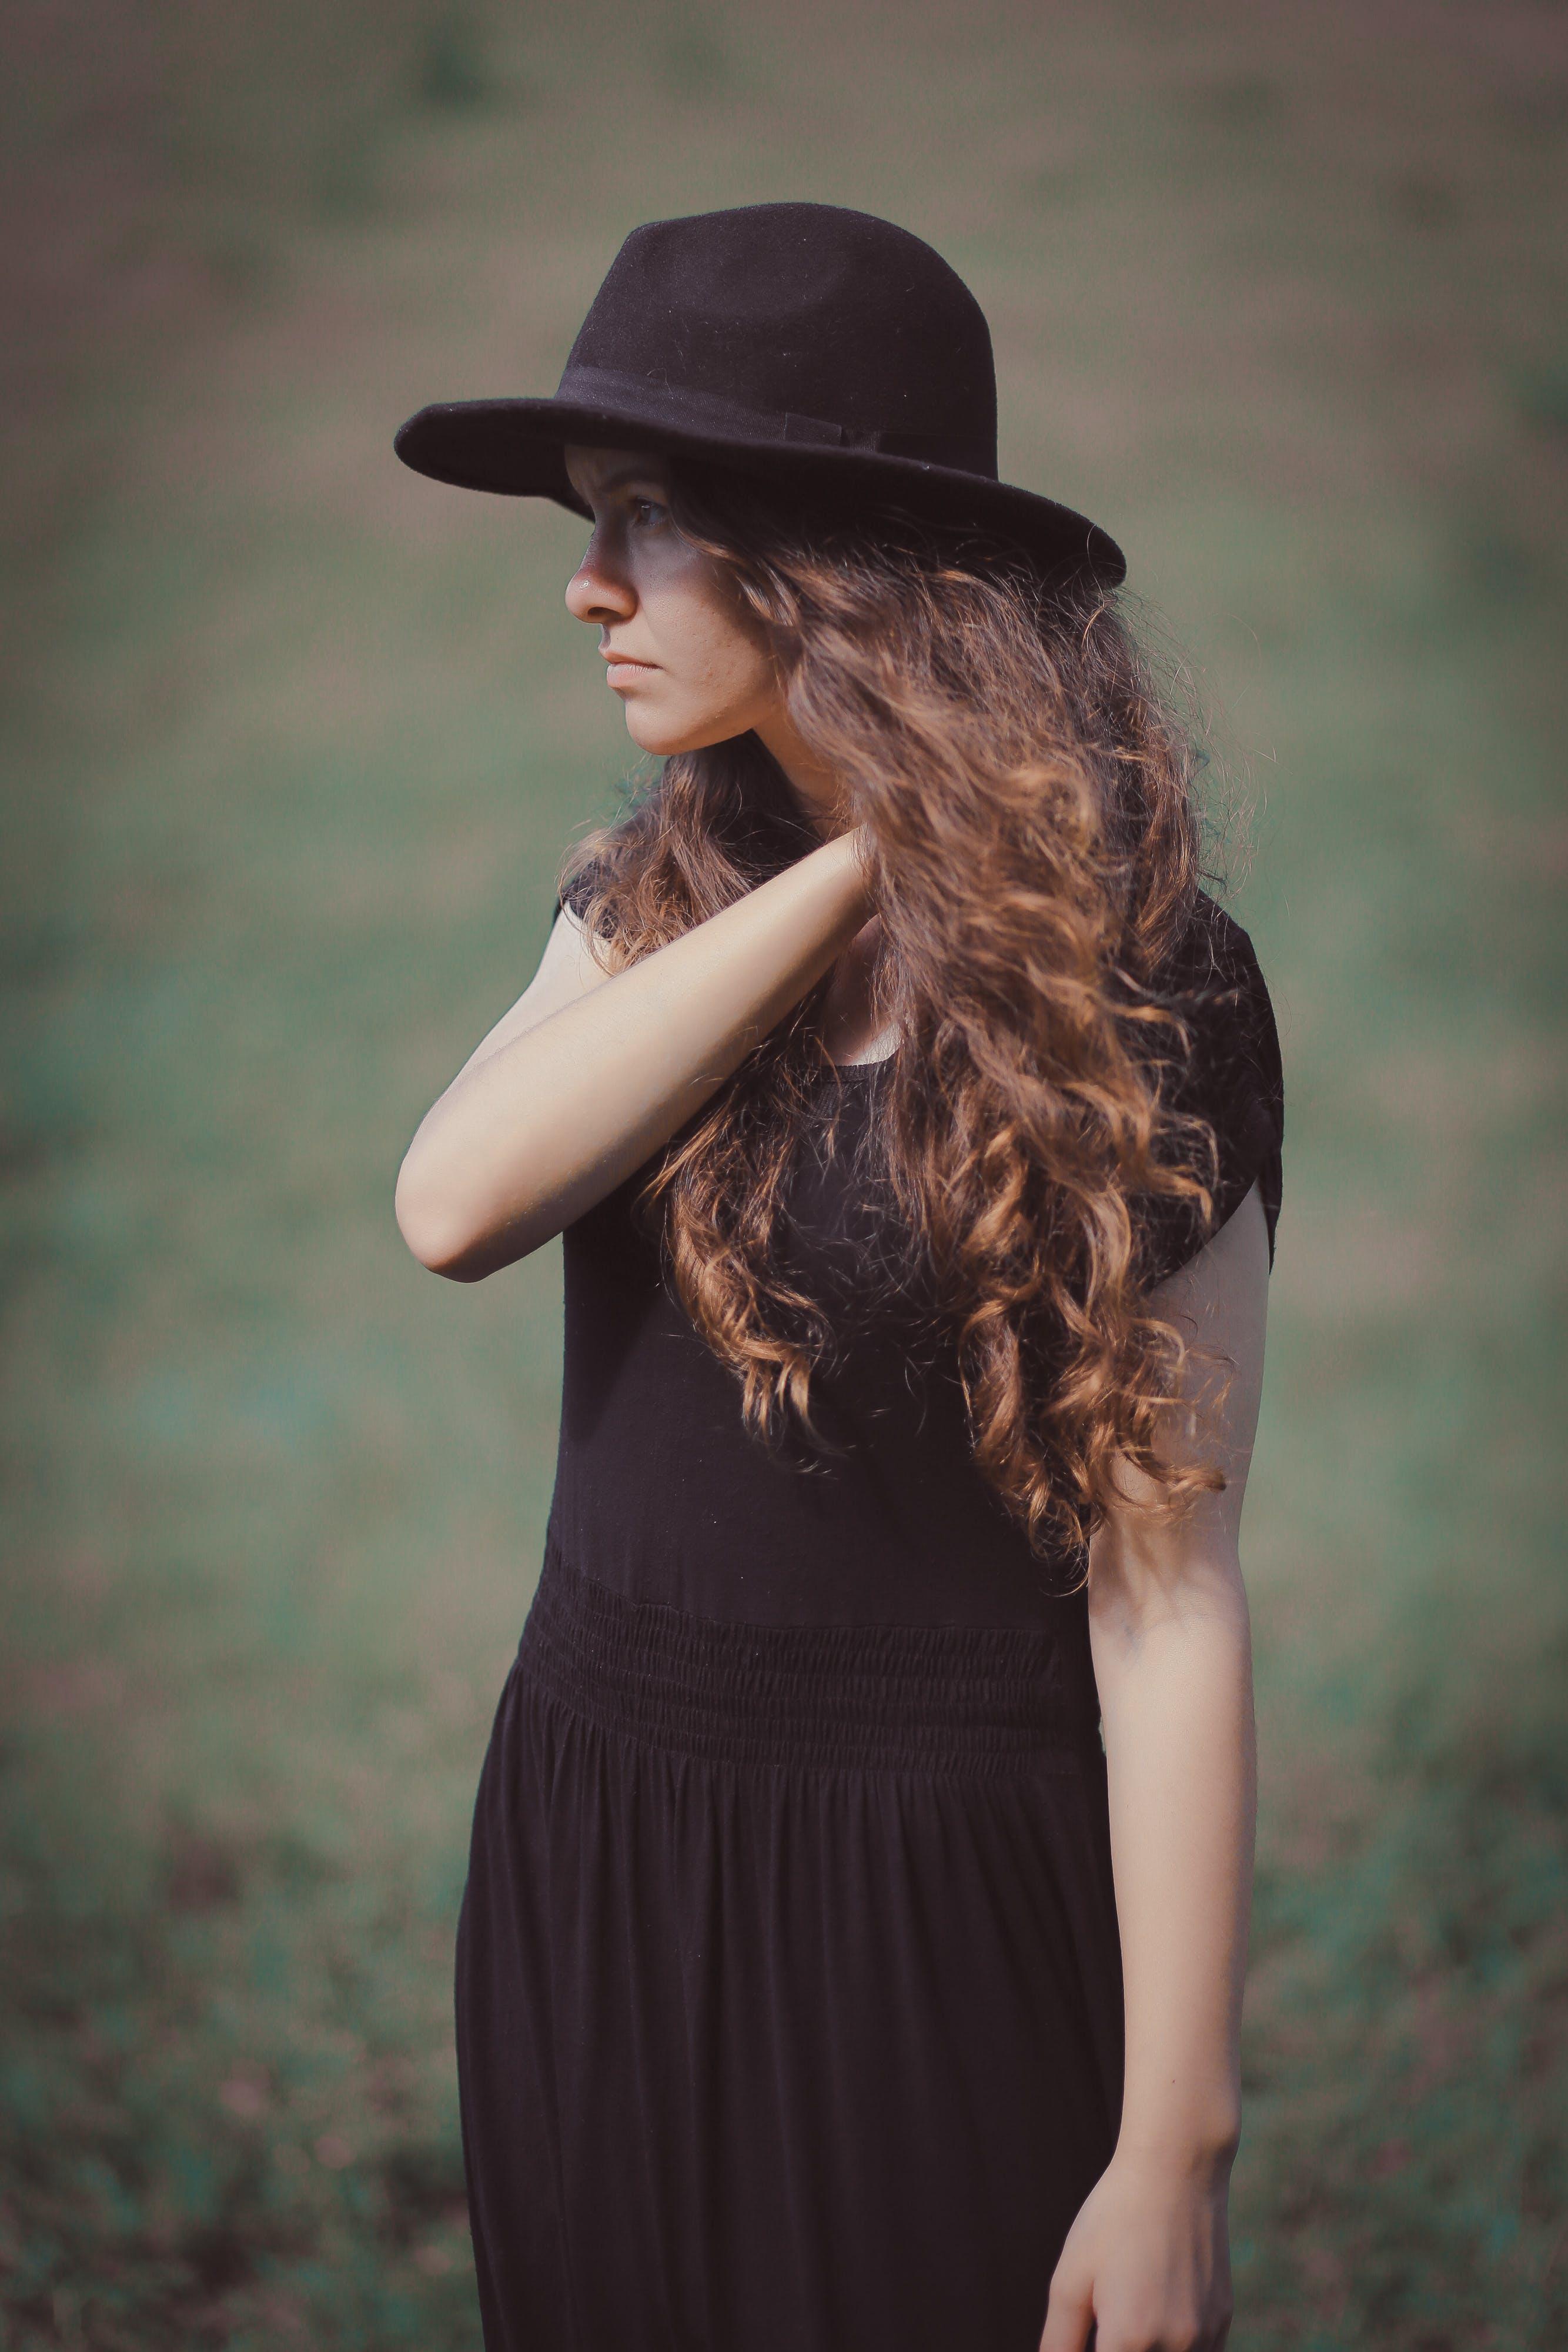 Kostnadsfri bild av attraktiv, frisyr, ha på sig, hår